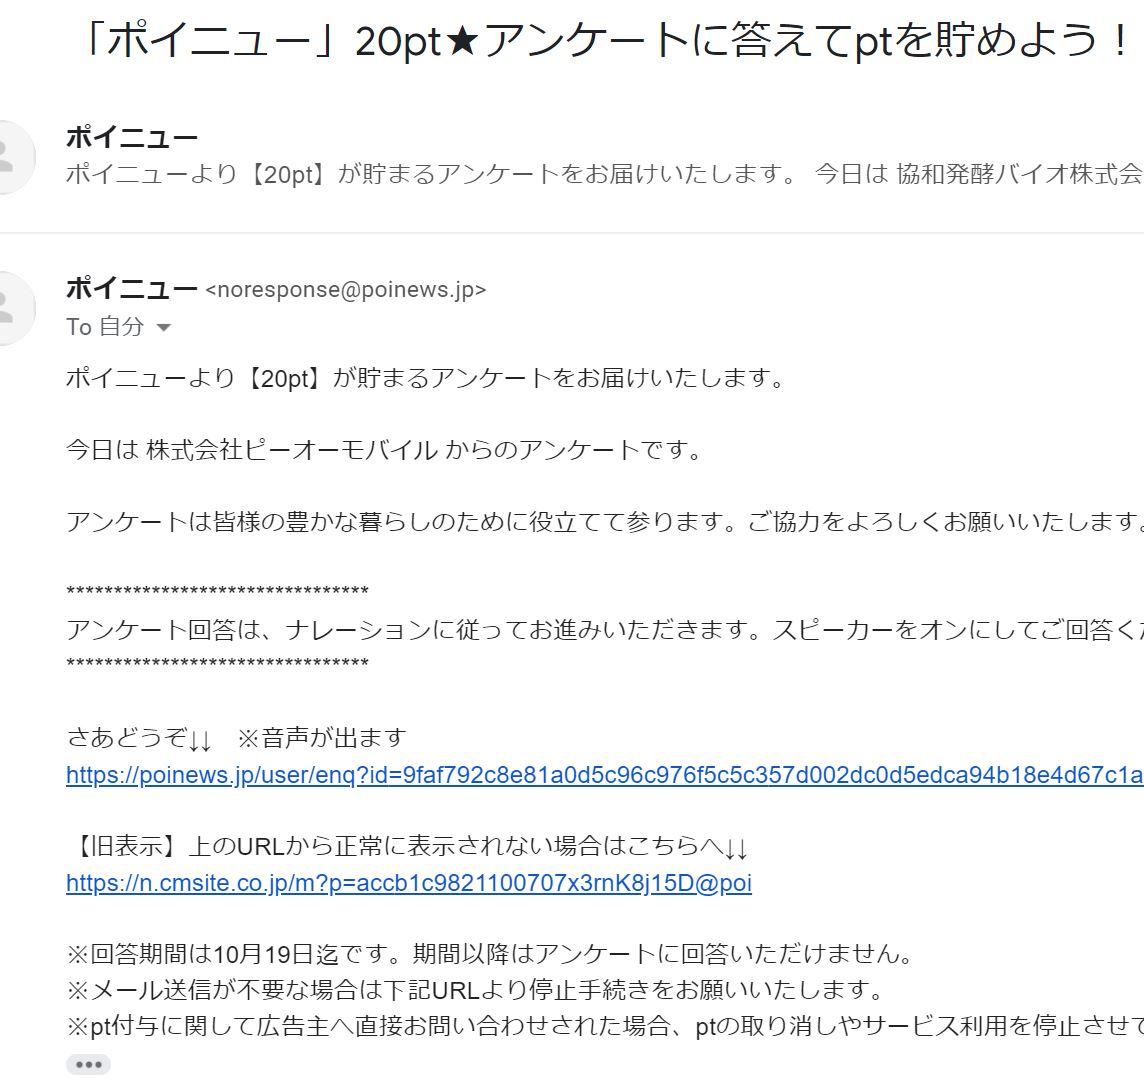 f:id:akidai61:20211016170536j:plain